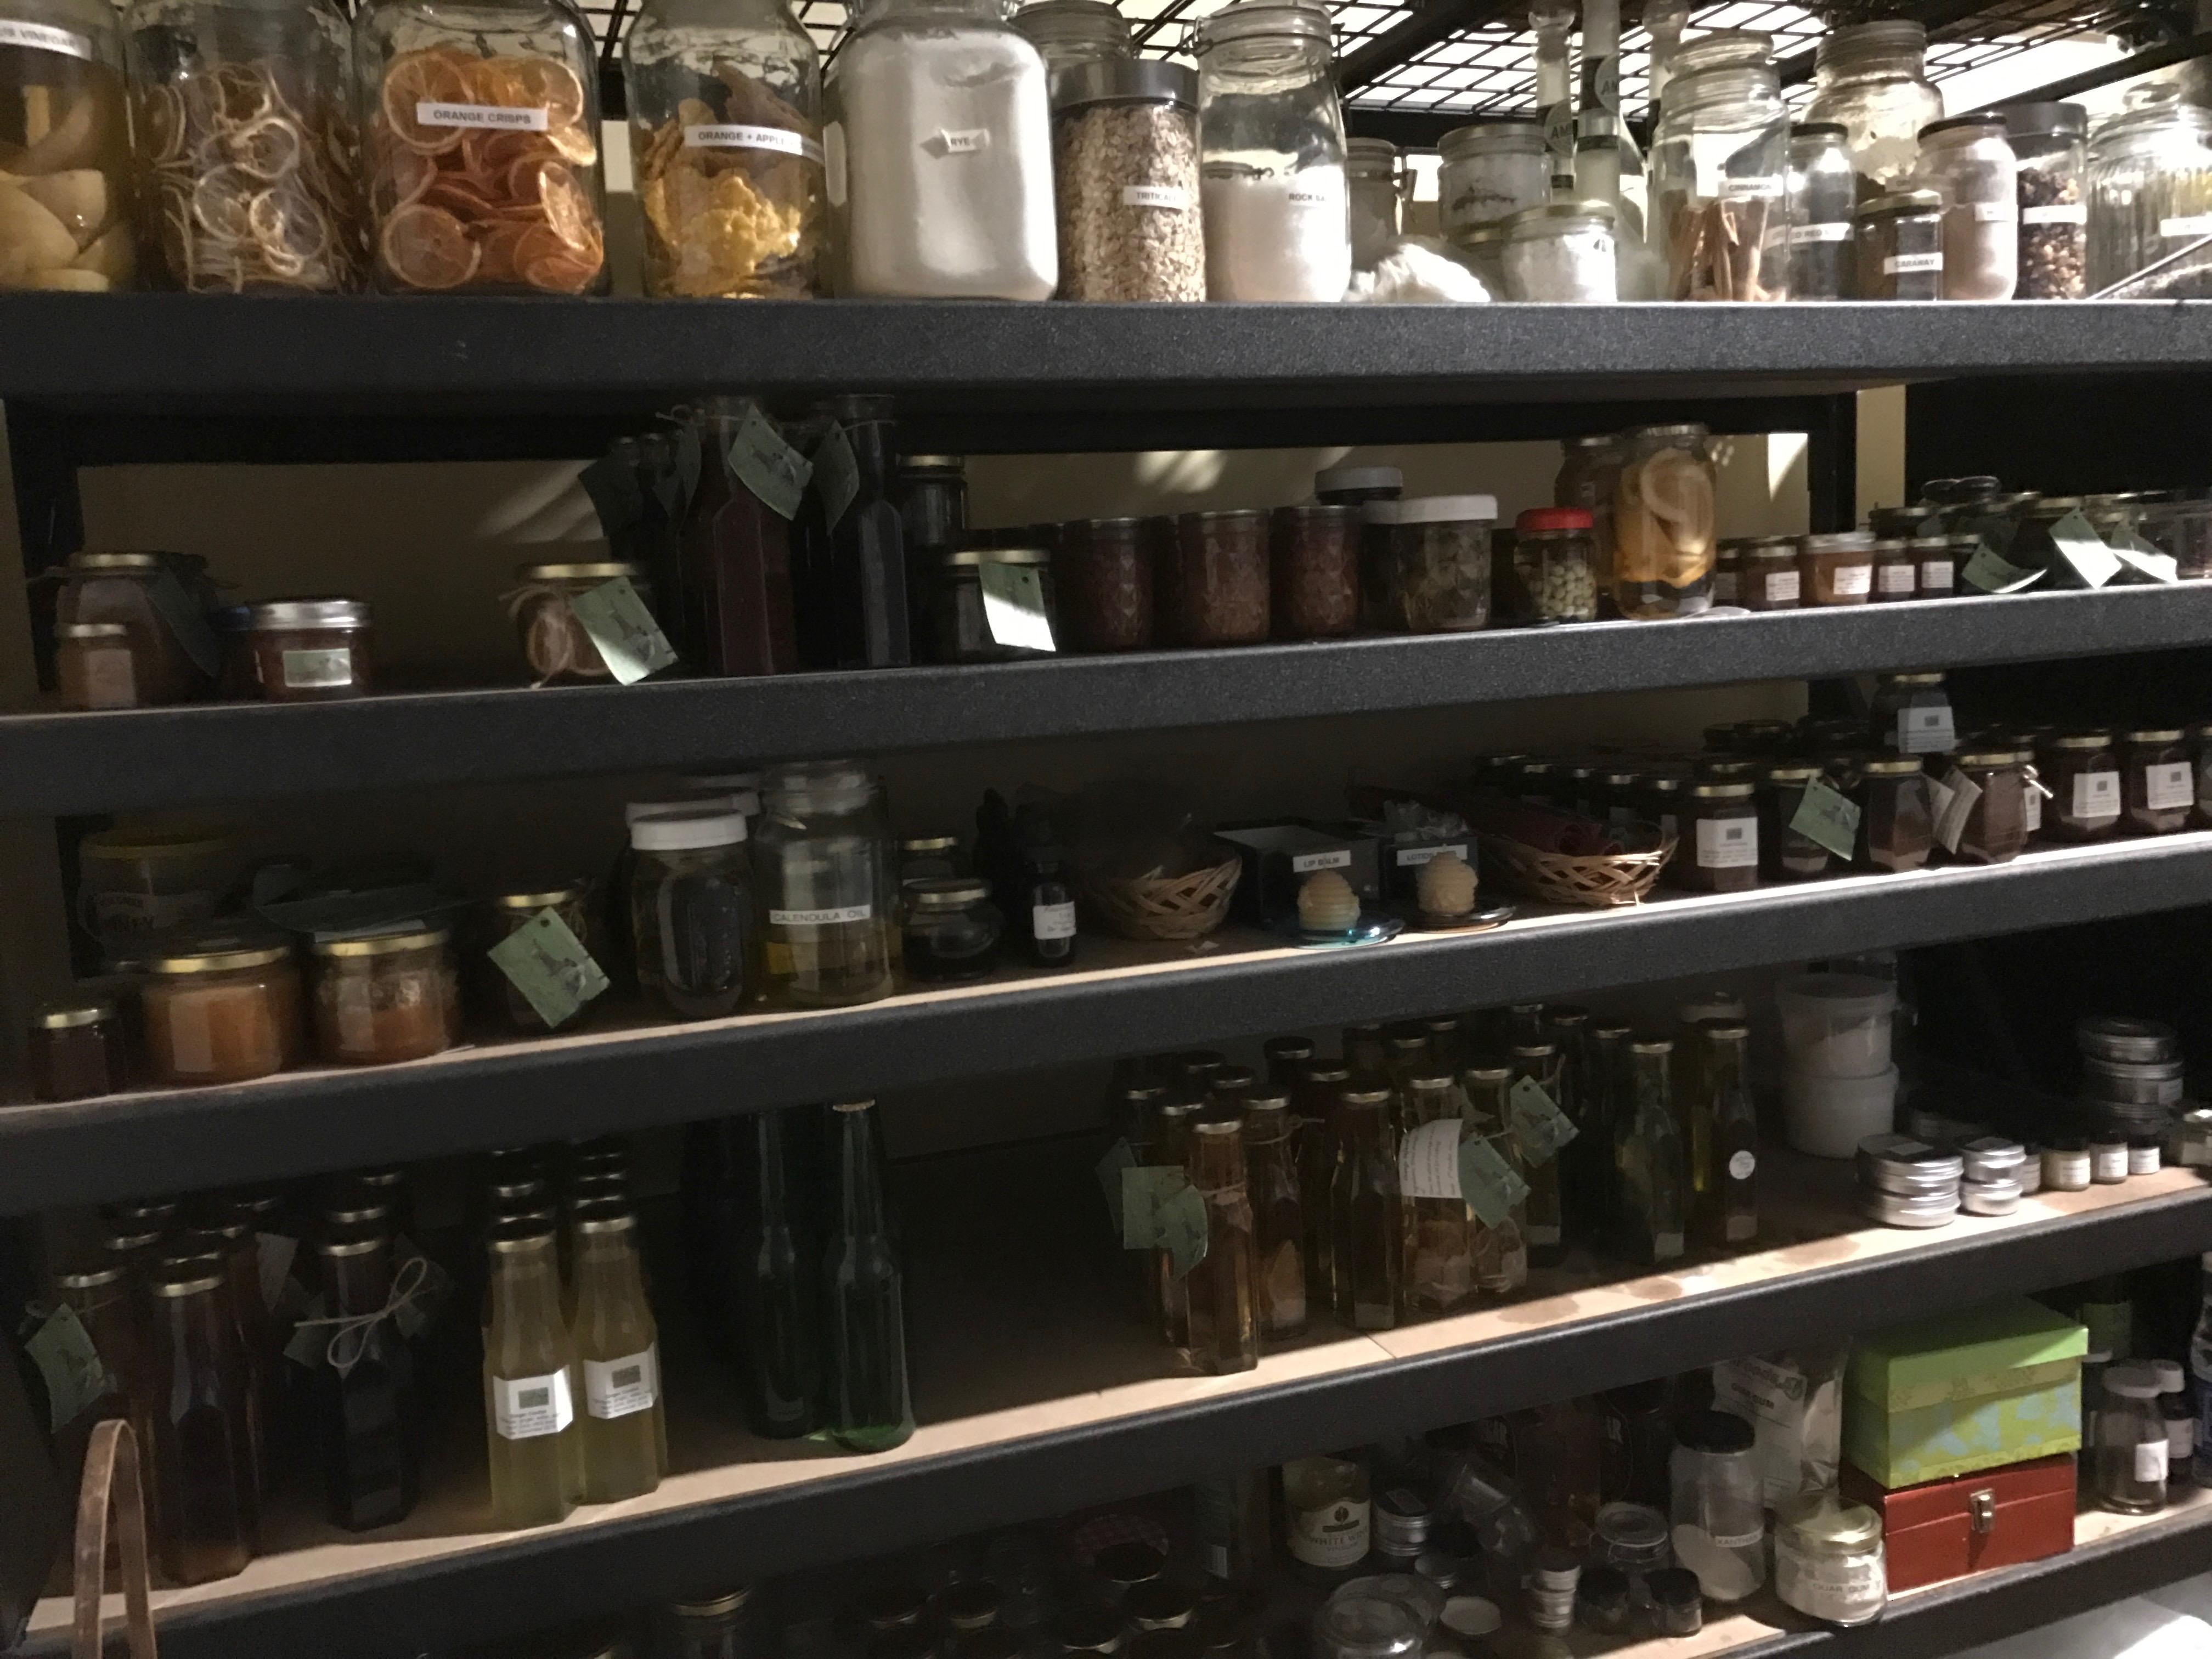 Full shelves